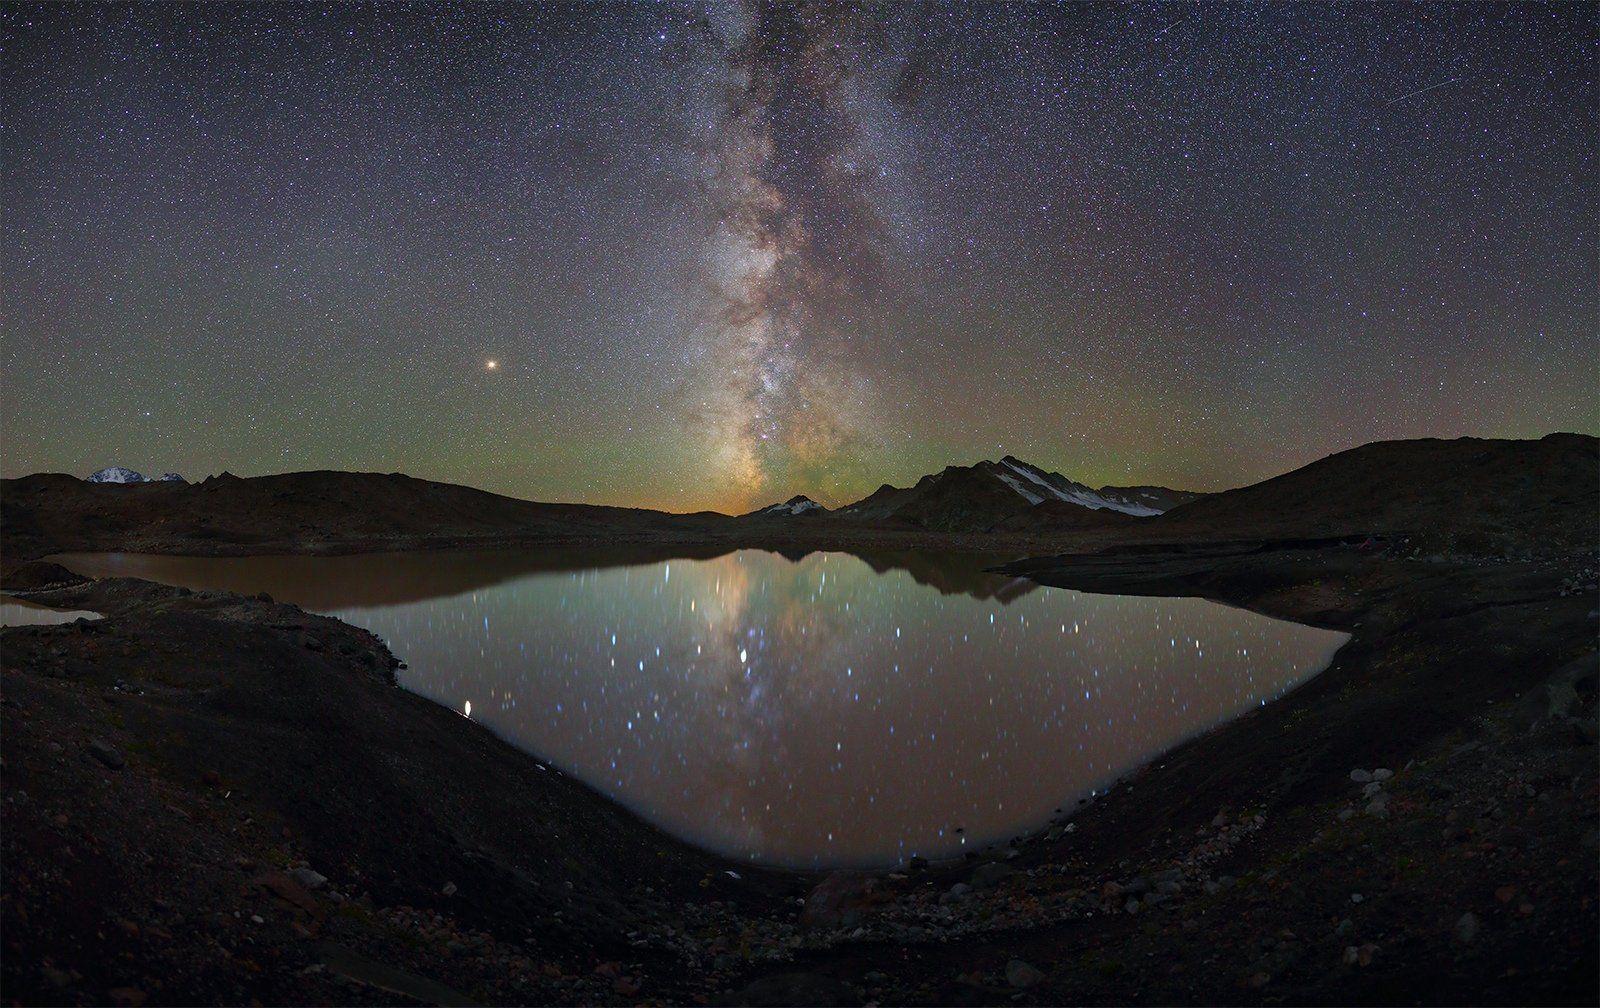 ночь большой тхач ночной пейзаж астрофотография звезды созвездия млечный путь ачешбоки, Рева Михаил